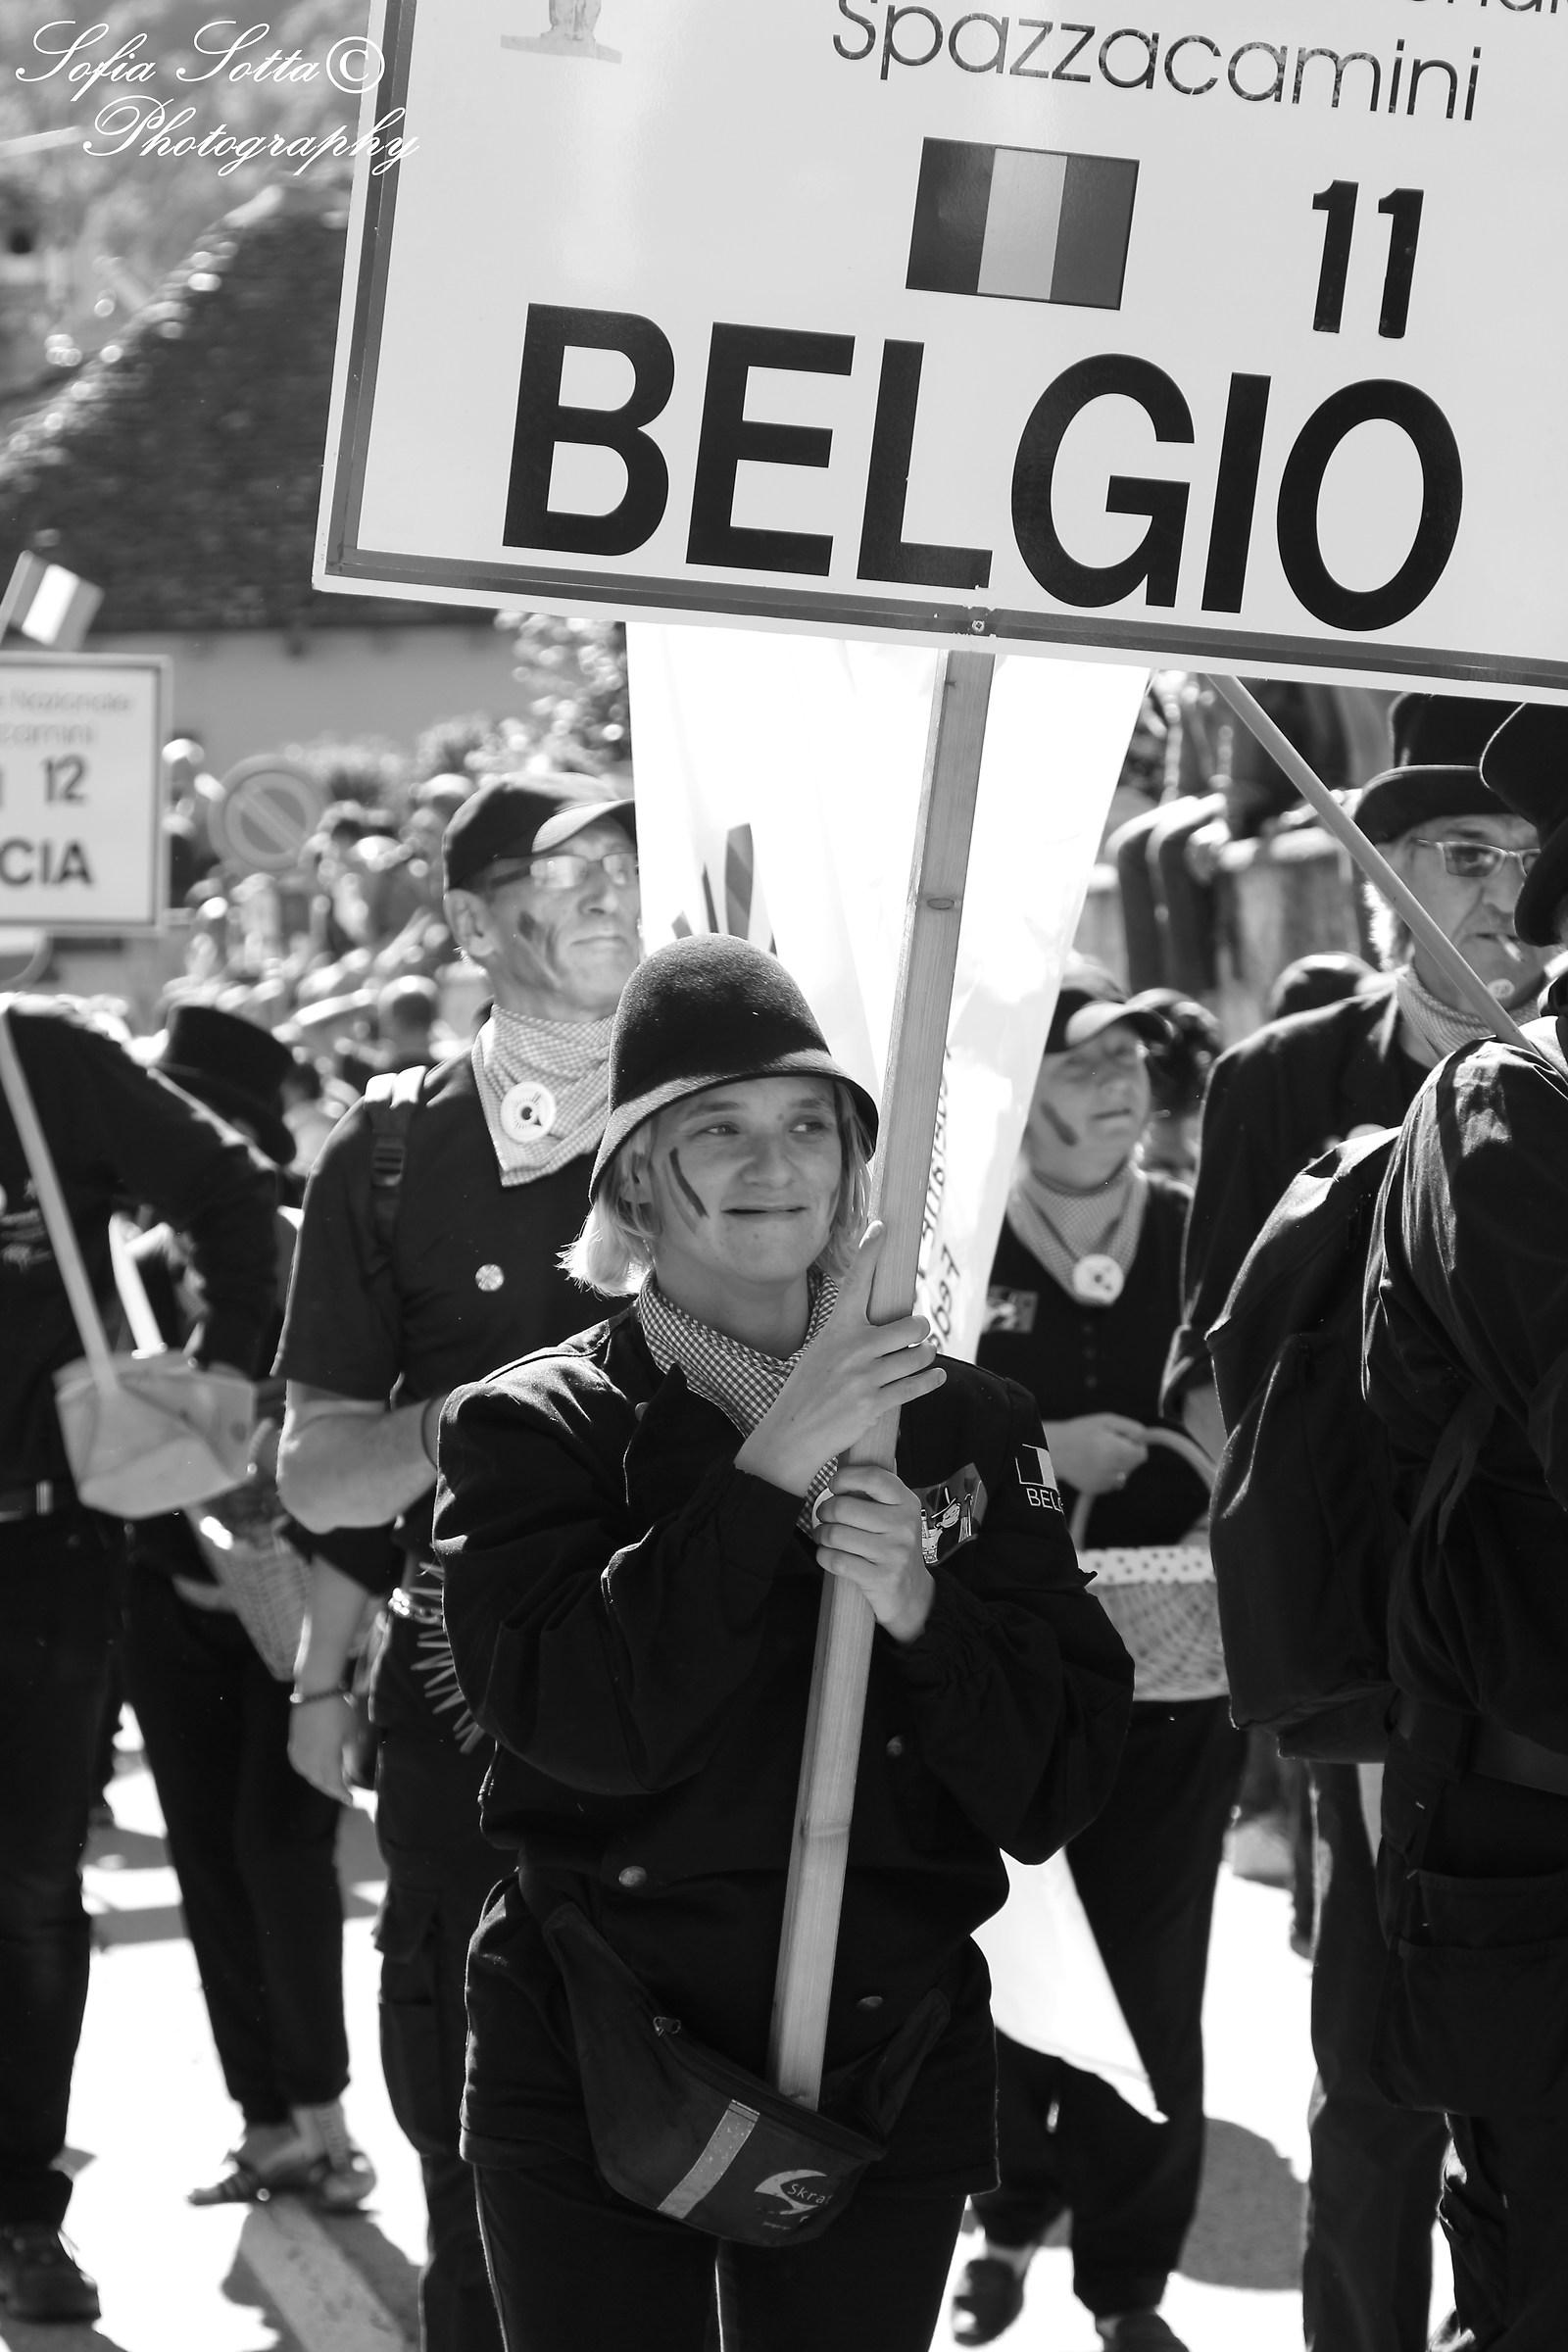 Belgio...